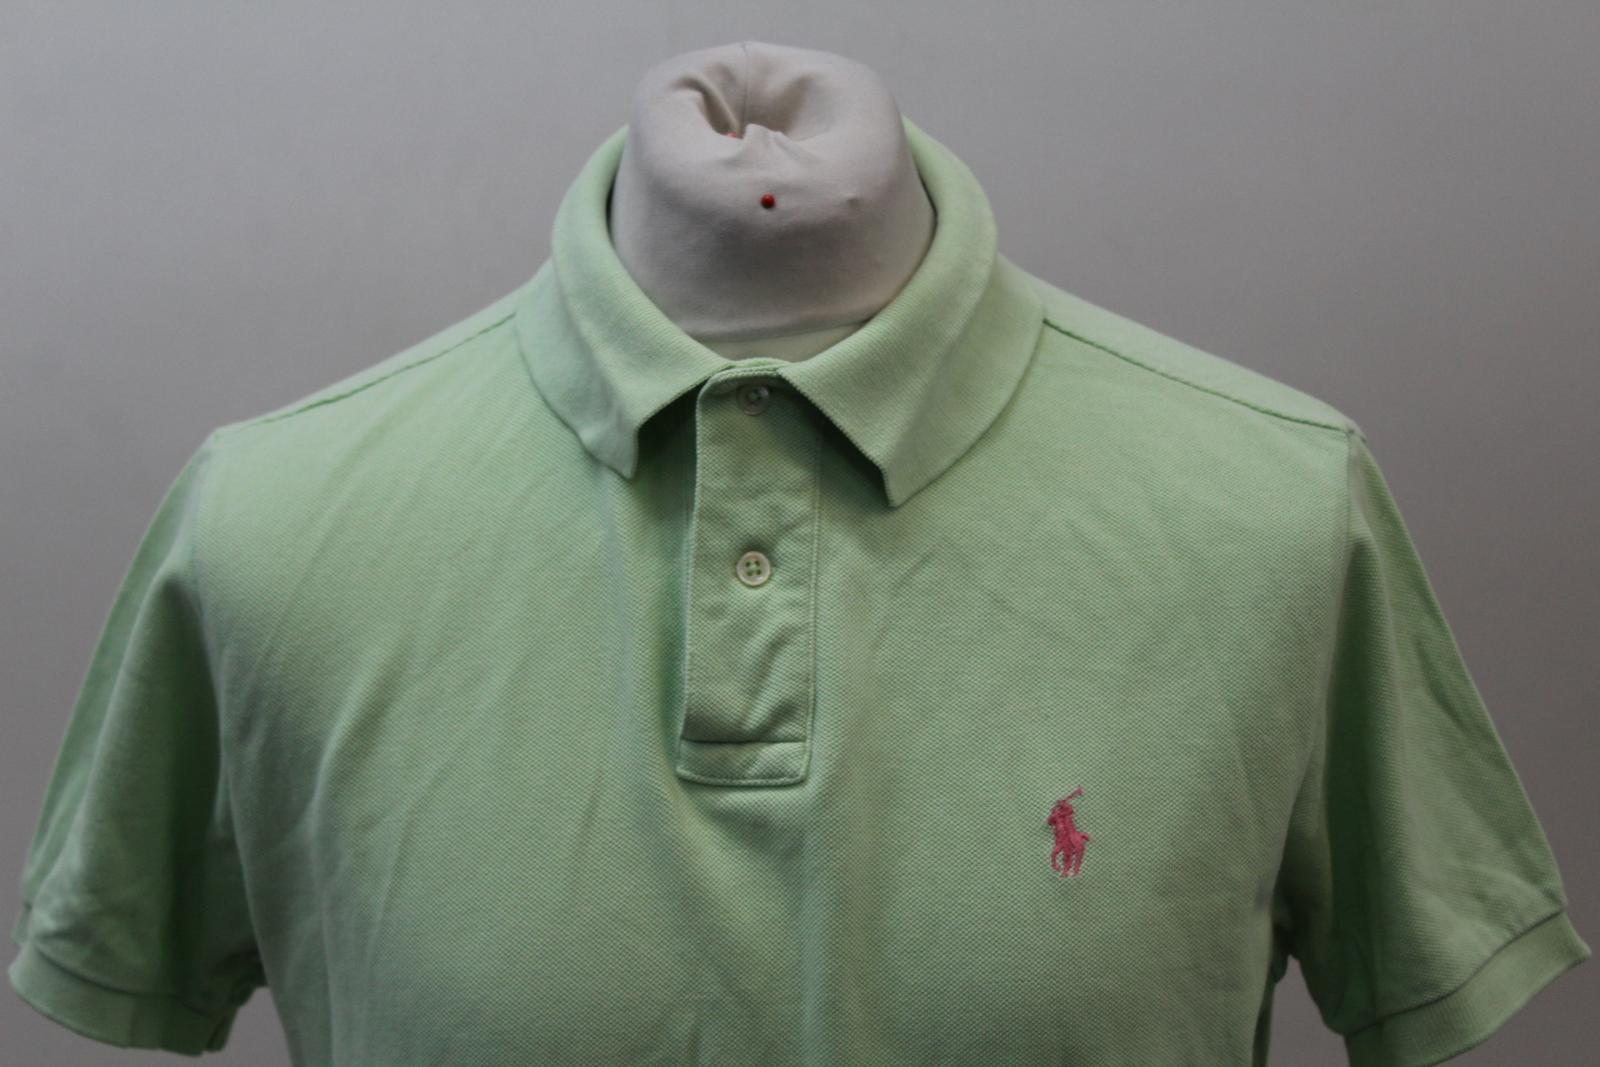 Polo-by-Ralph-Lauren-Hombre-Verde-De-Algodon-Manga-Corta-Con-Cuello-Camisa-Polo-Talla-L miniatura 3